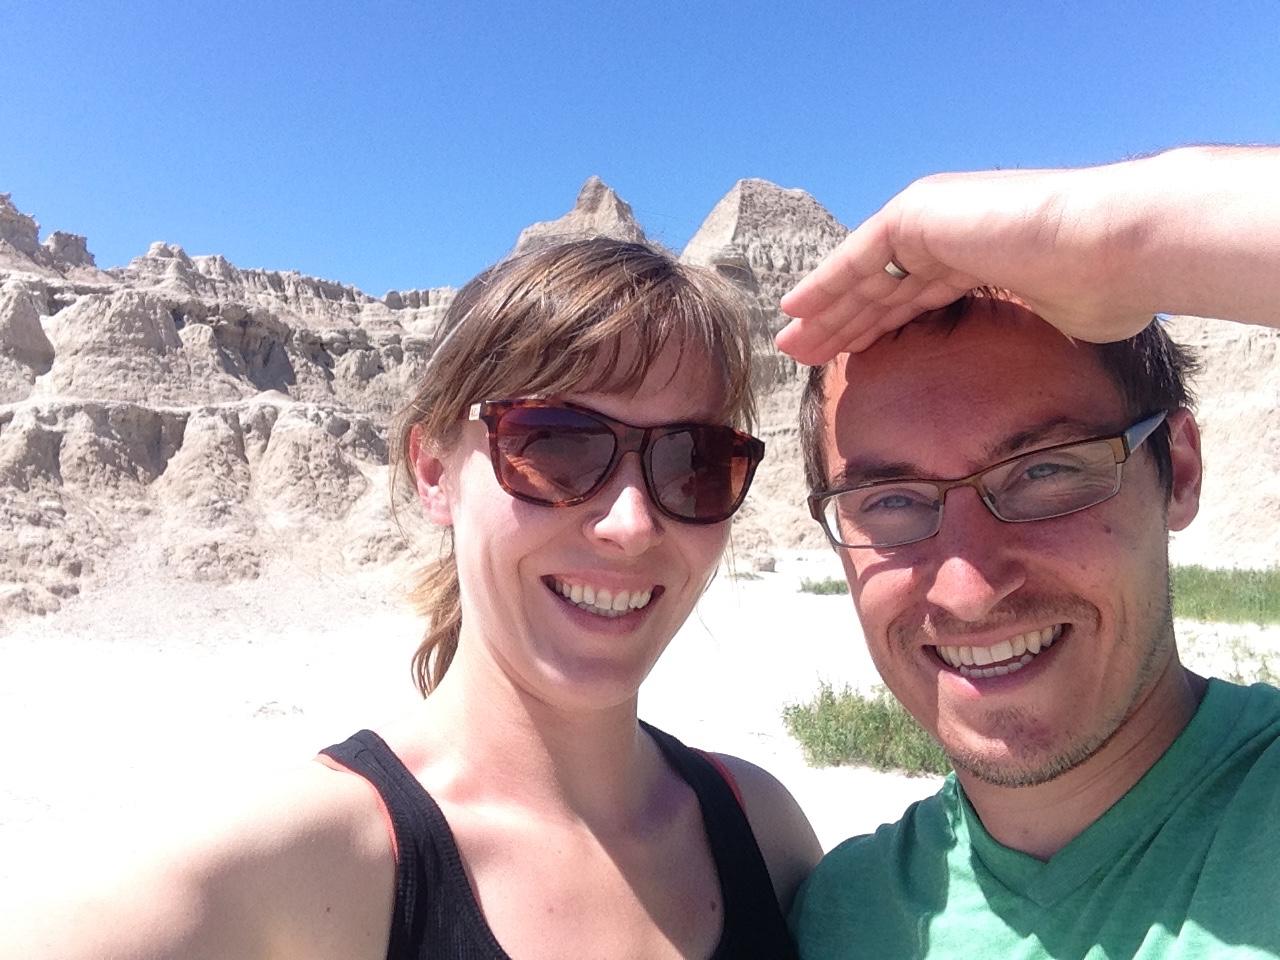 selfie in the Badlands